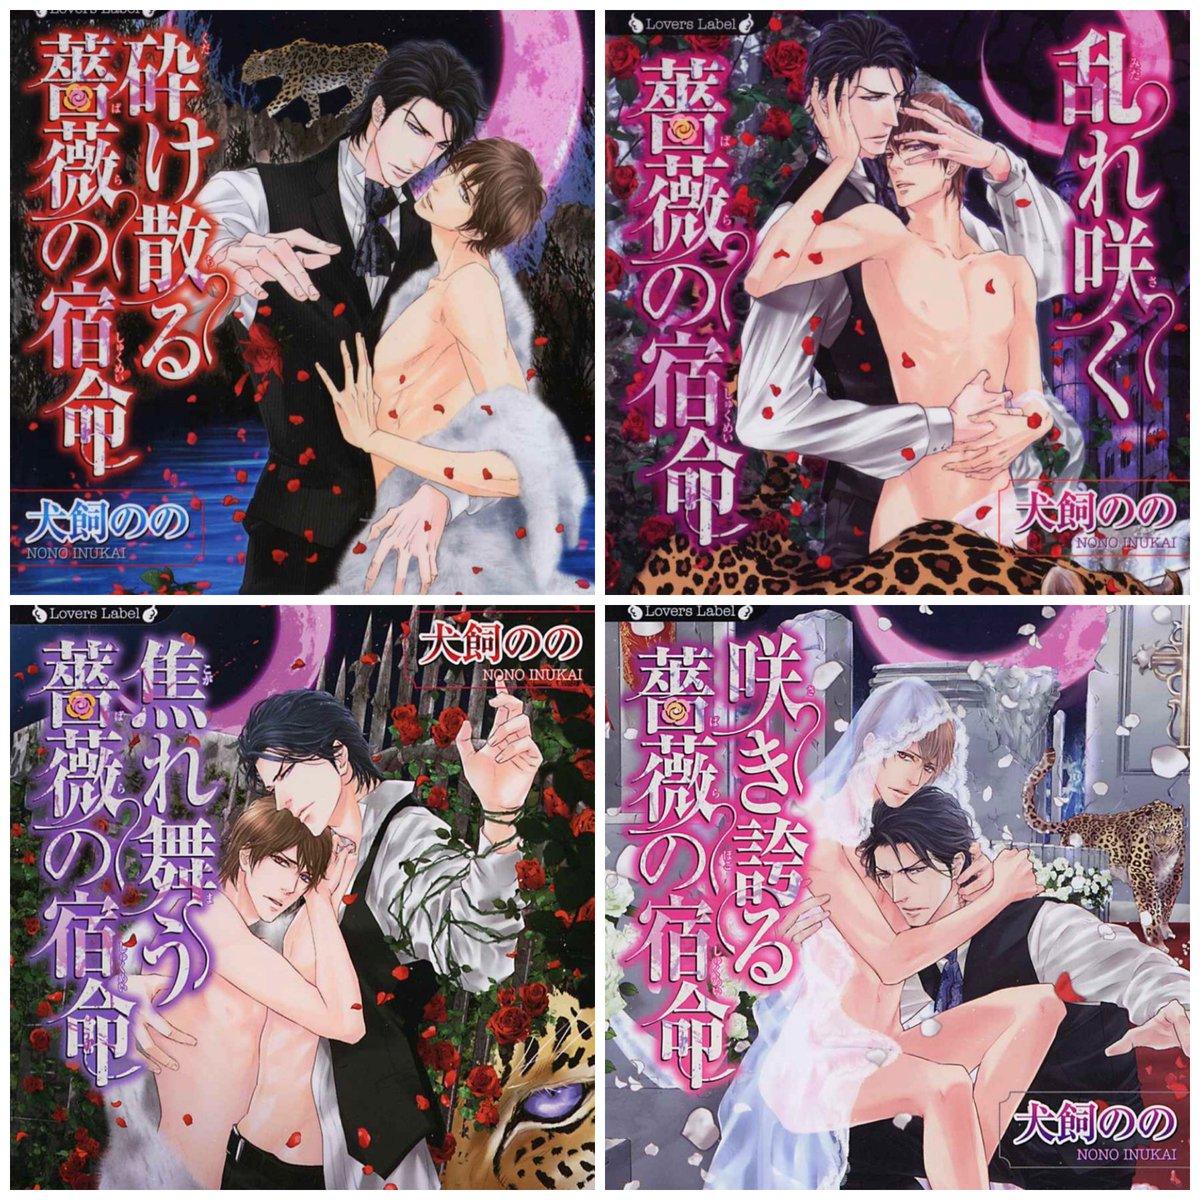 【薔薇の宿命シリーズ/犬飼のの】KindleUnlimited読書記録③【BL小説6冊】